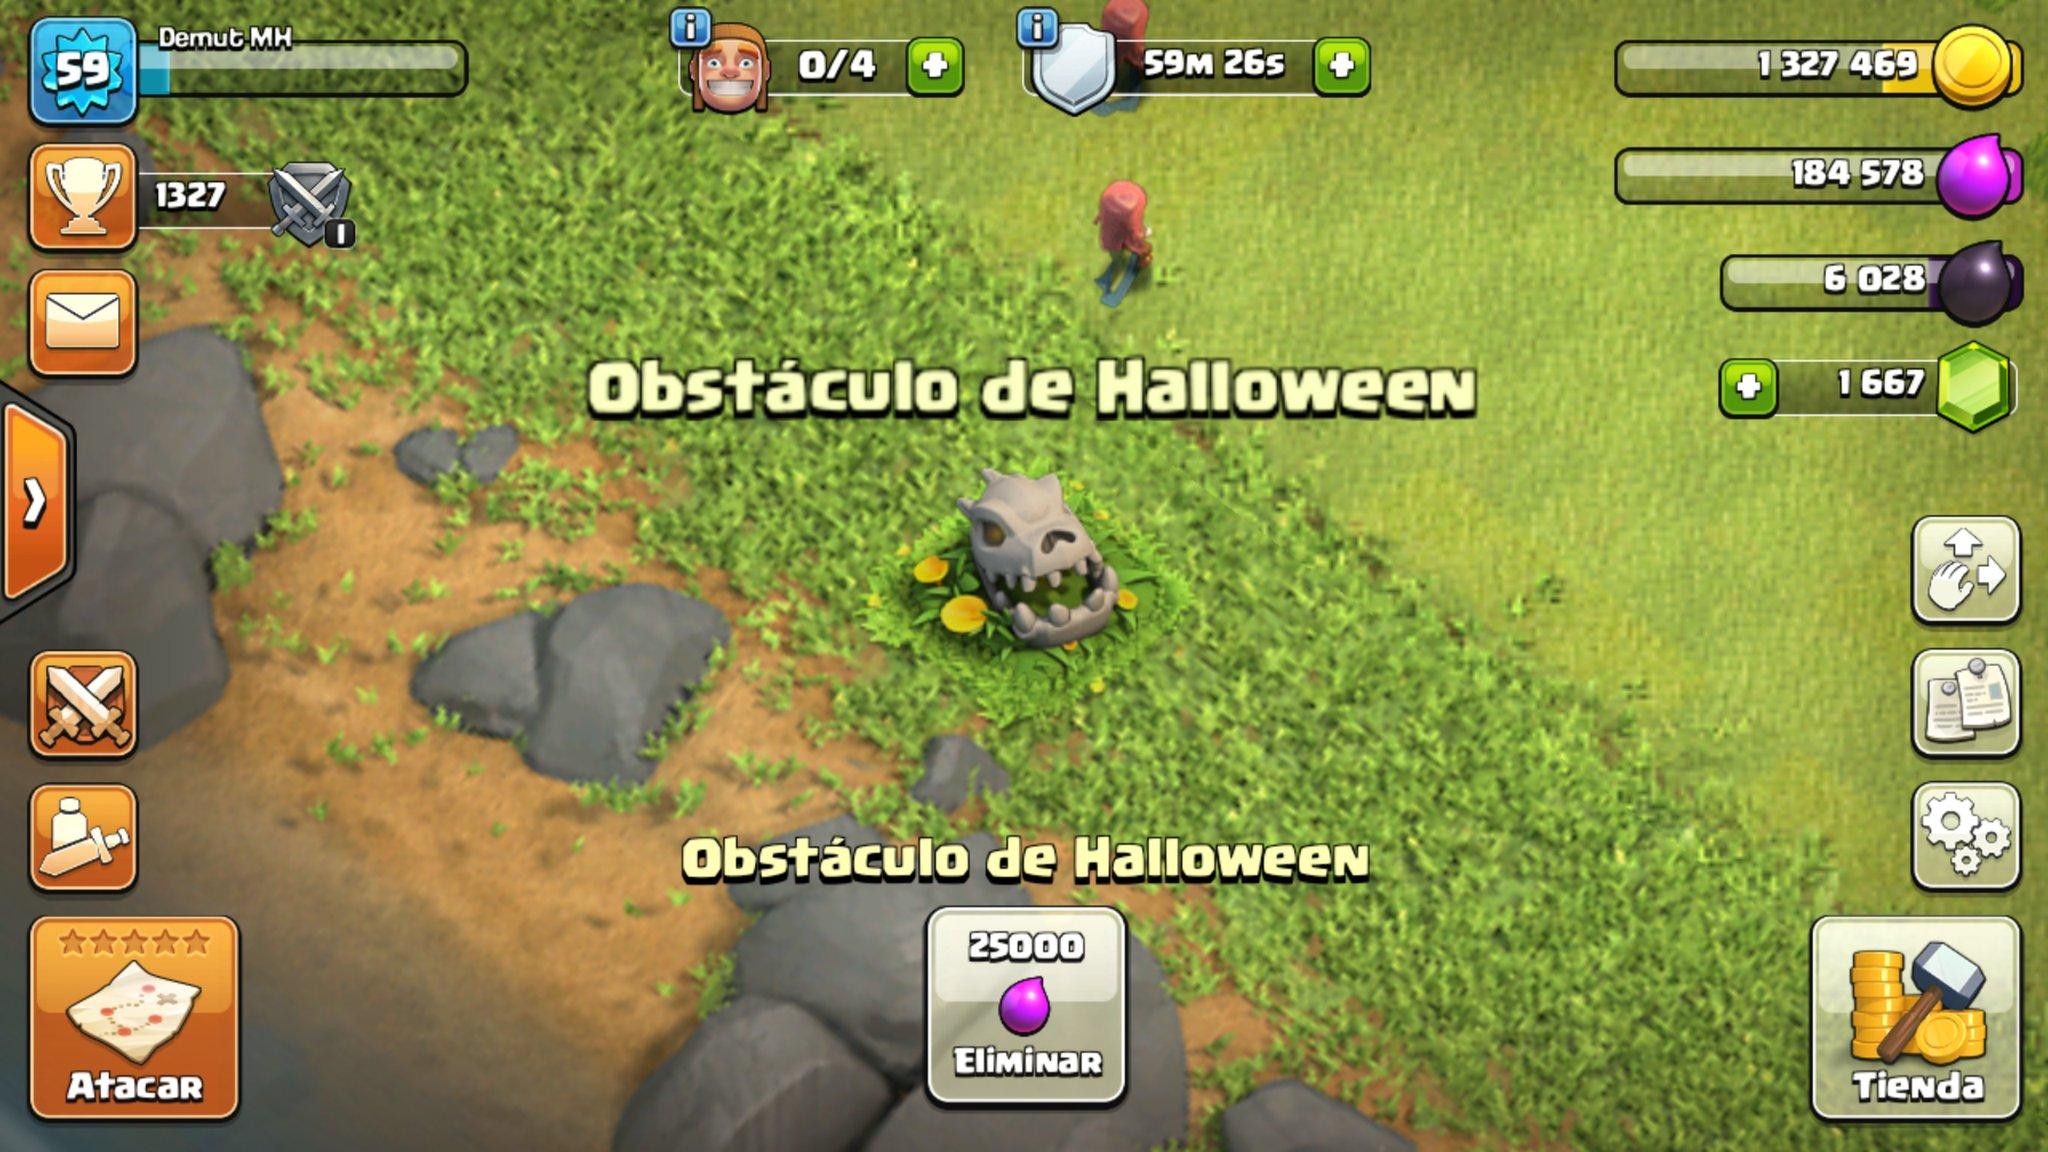 obstaculo_halloween_2017